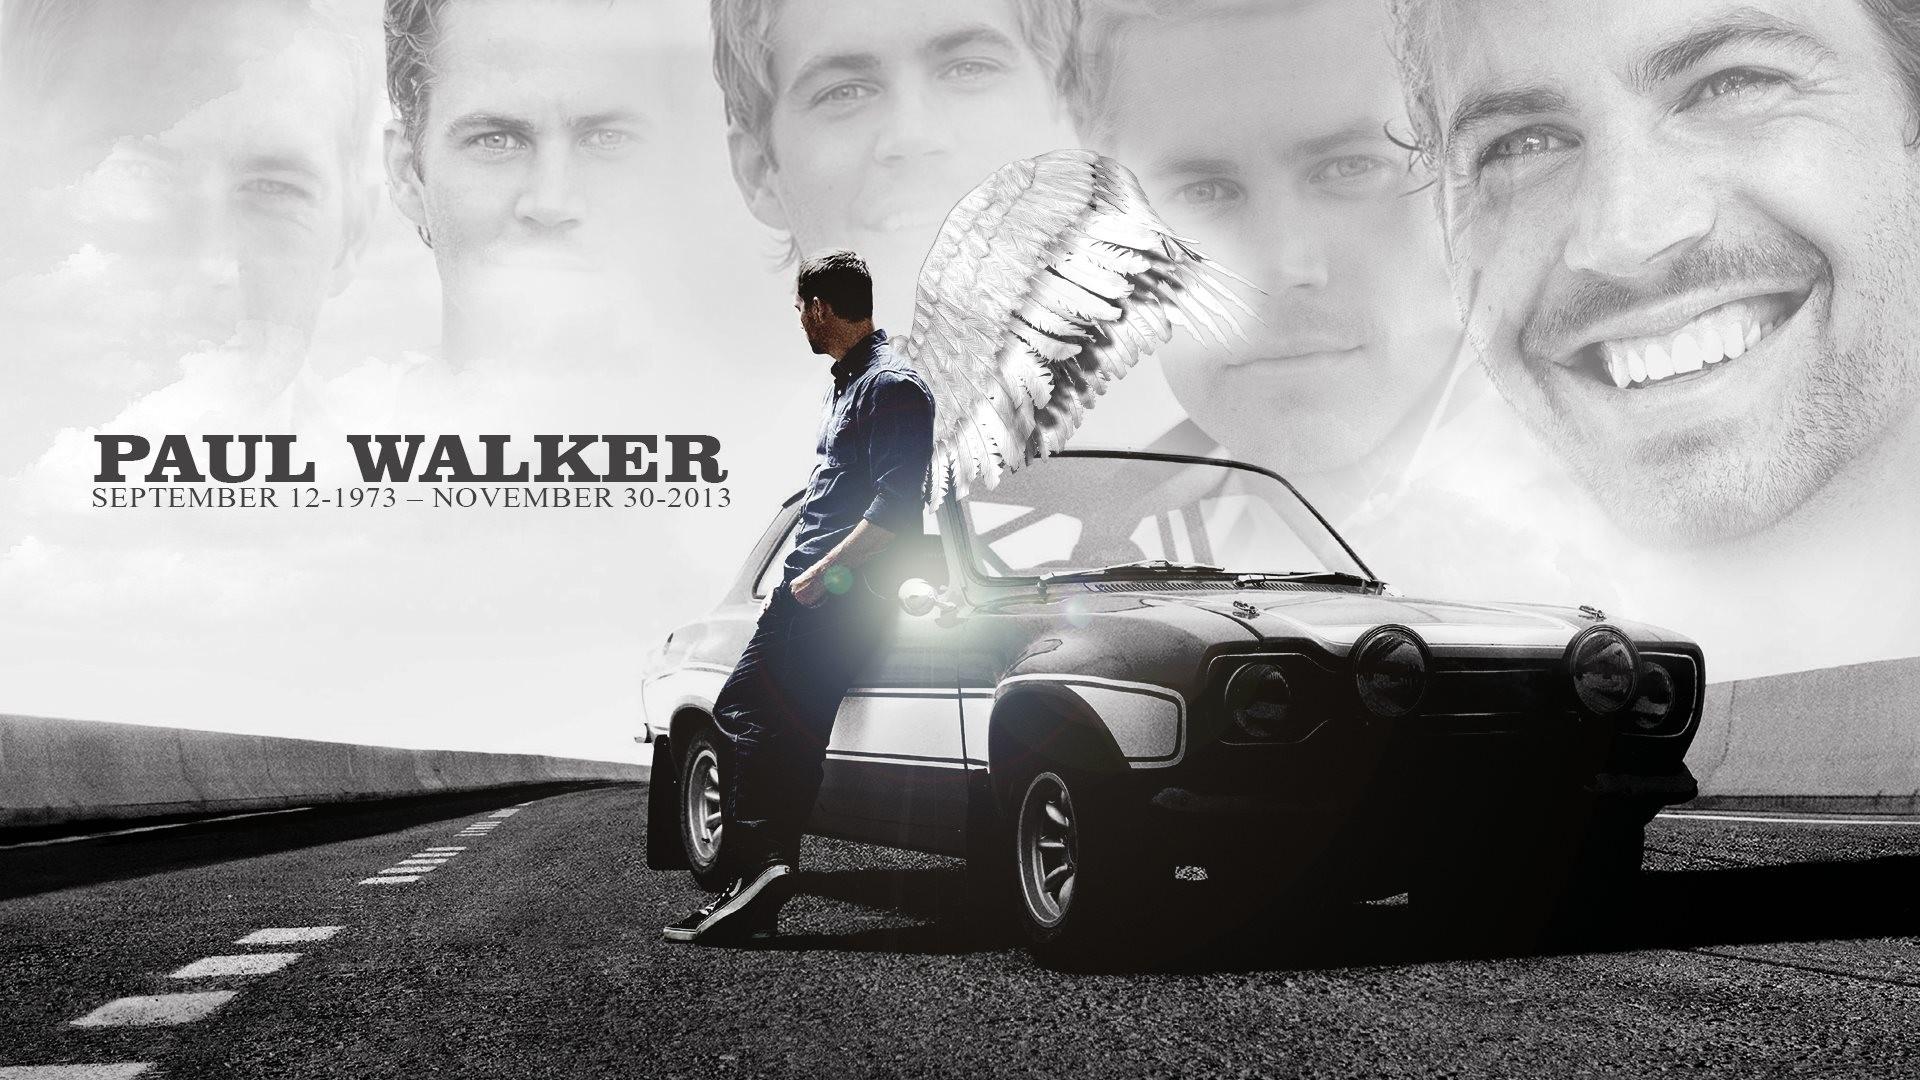 White walker wallpaper 79 images - Paul walker images download ...